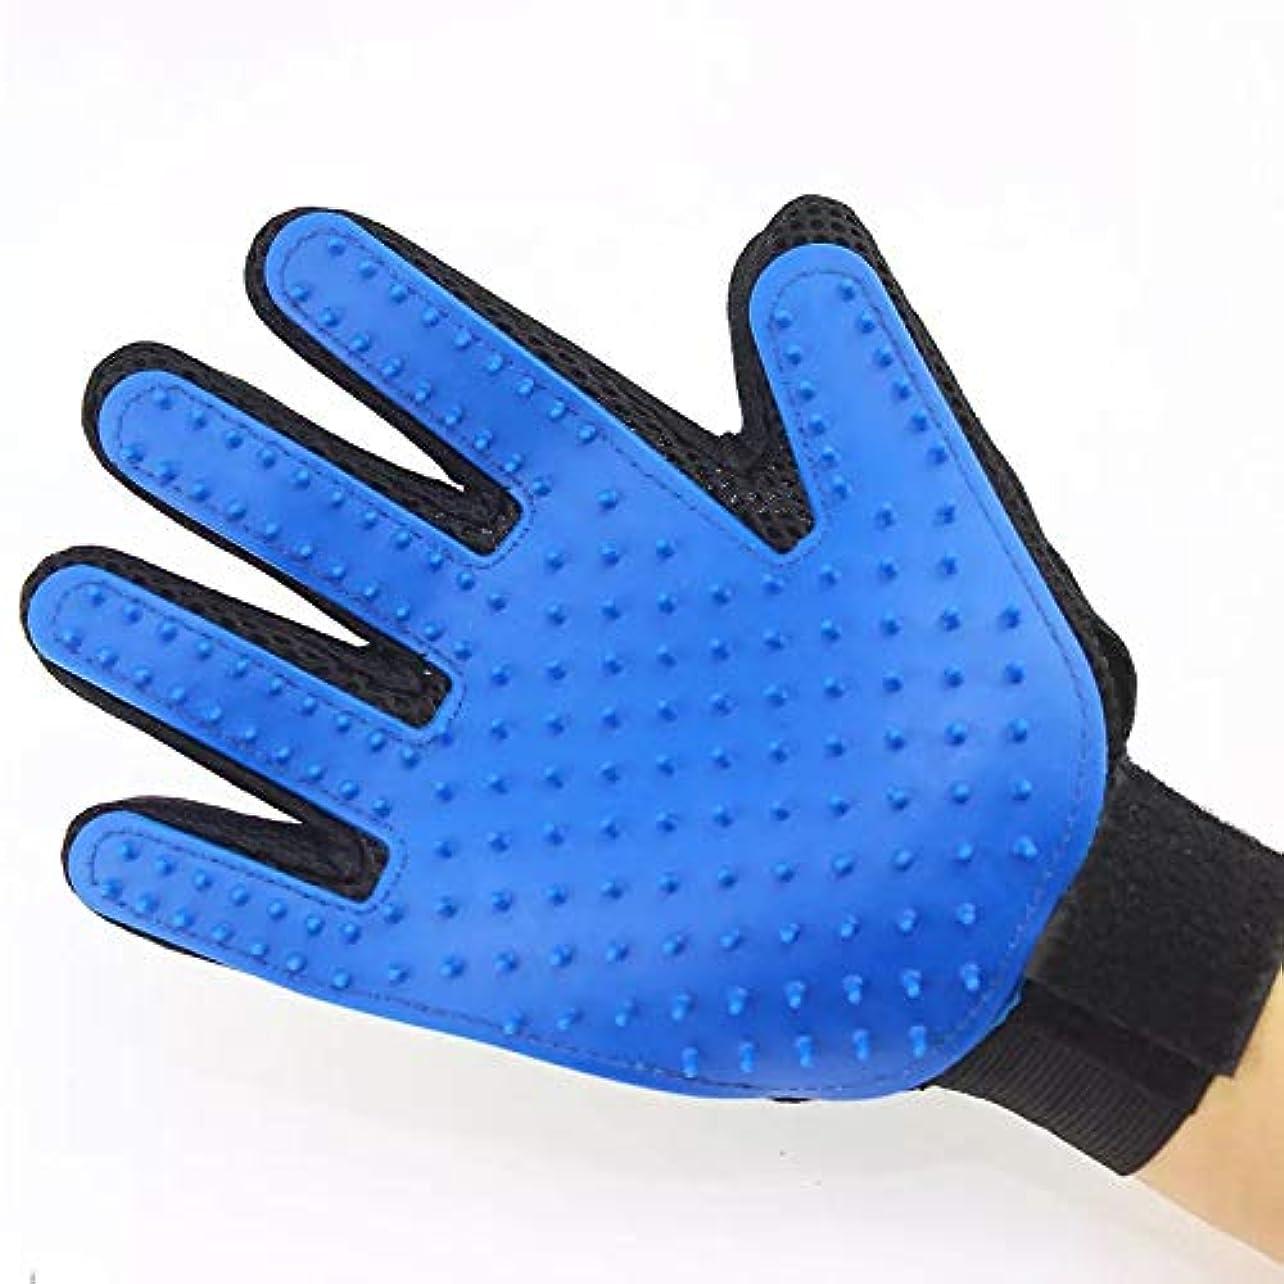 平和的含意コインBTXXYJP ペット ブラシ 手袋 猫 犬 ブラシ グローブ クリーナー 耐摩耗 抜け毛取り マッサージブラシ グローブ (Color : Red, Style : Right hand)